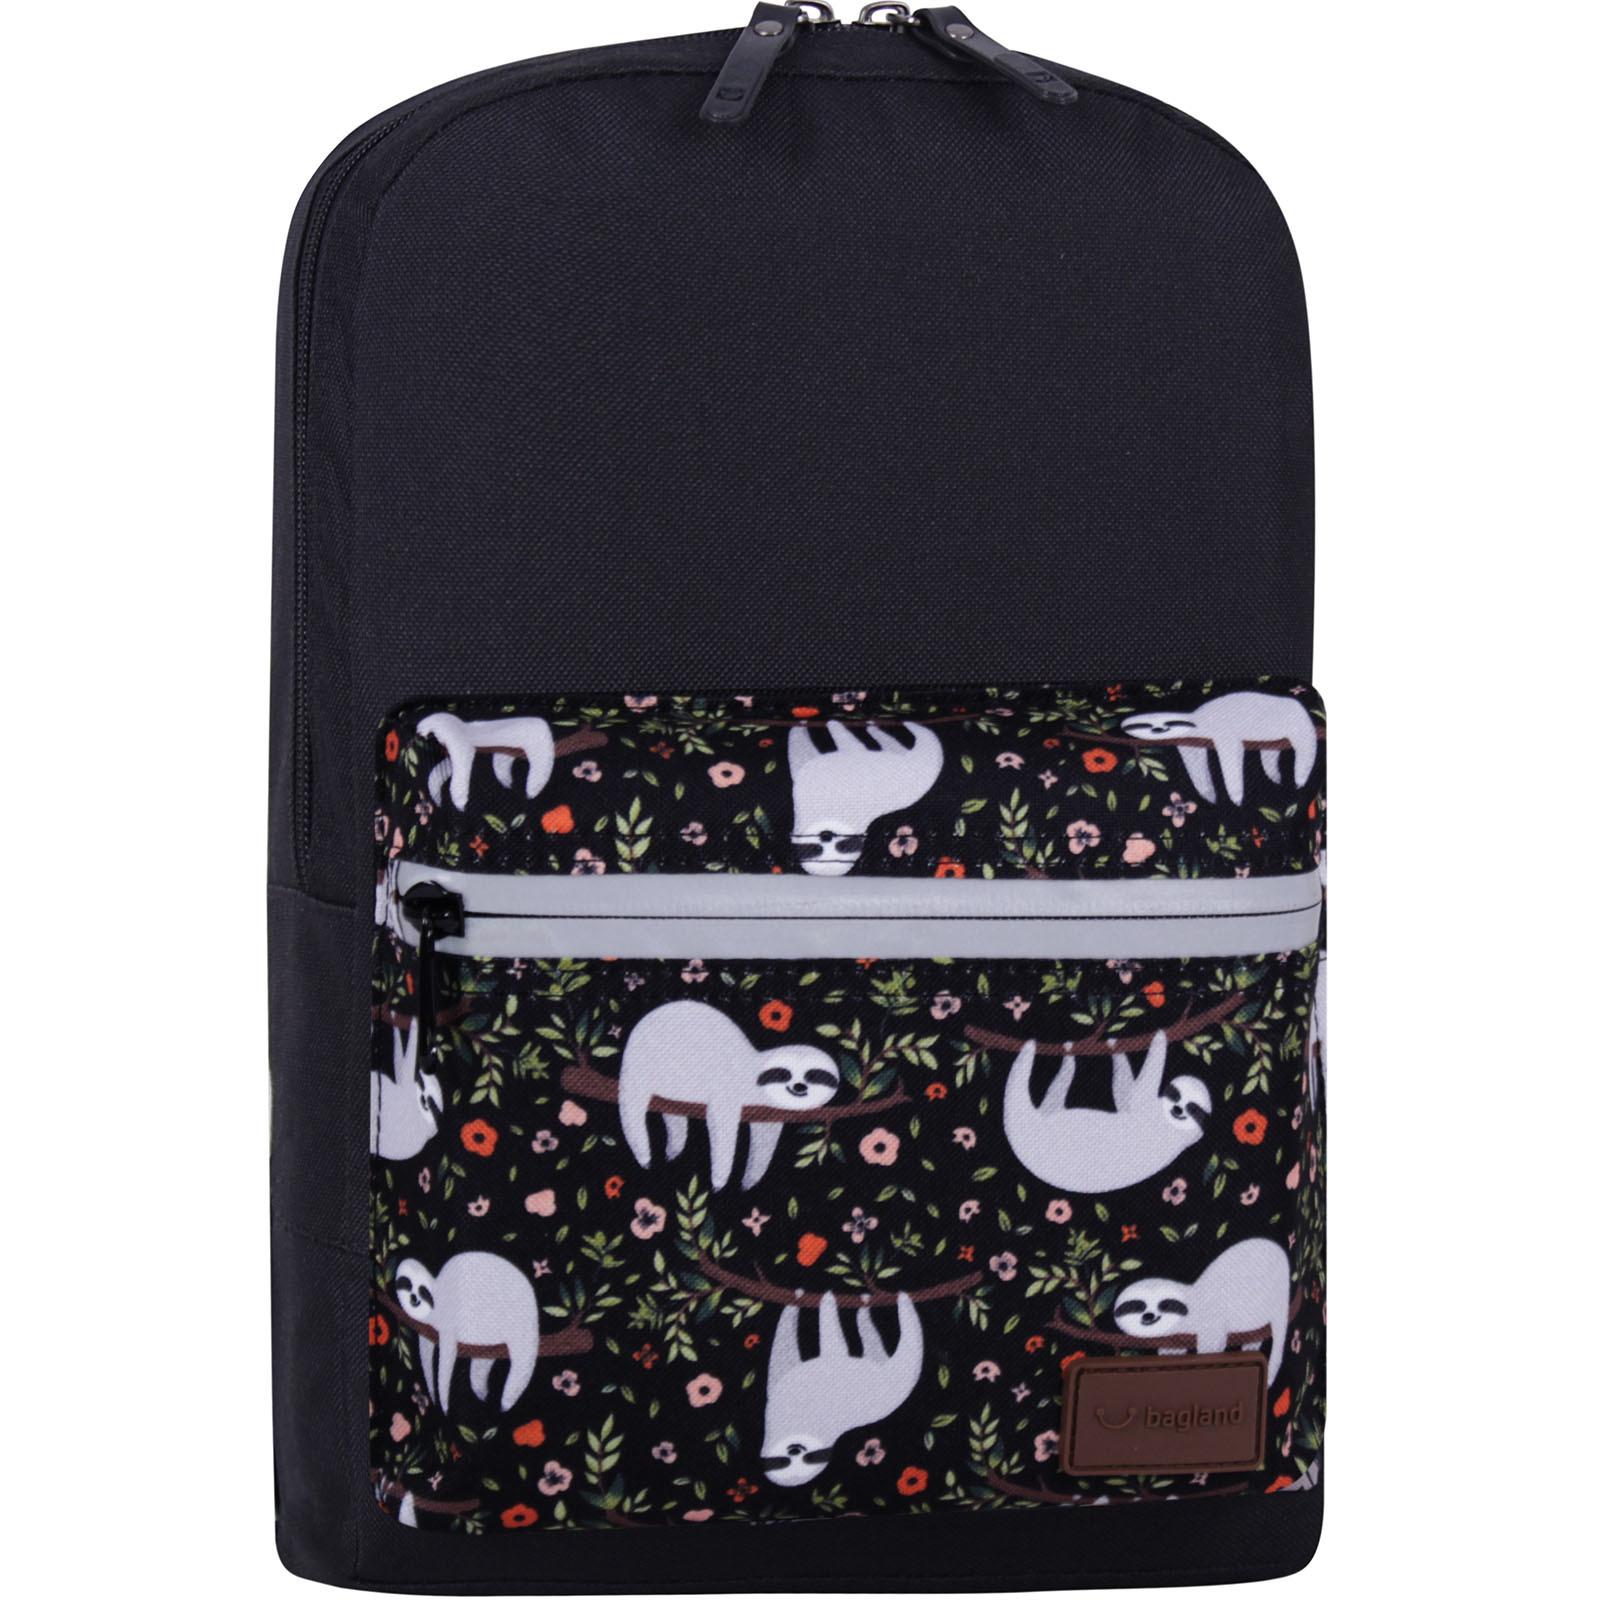 Детские рюкзаки Рюкзак Bagland Молодежный mini 8 л. черный 743 (0050866) IMG_7714_суб743_-1600.jpg